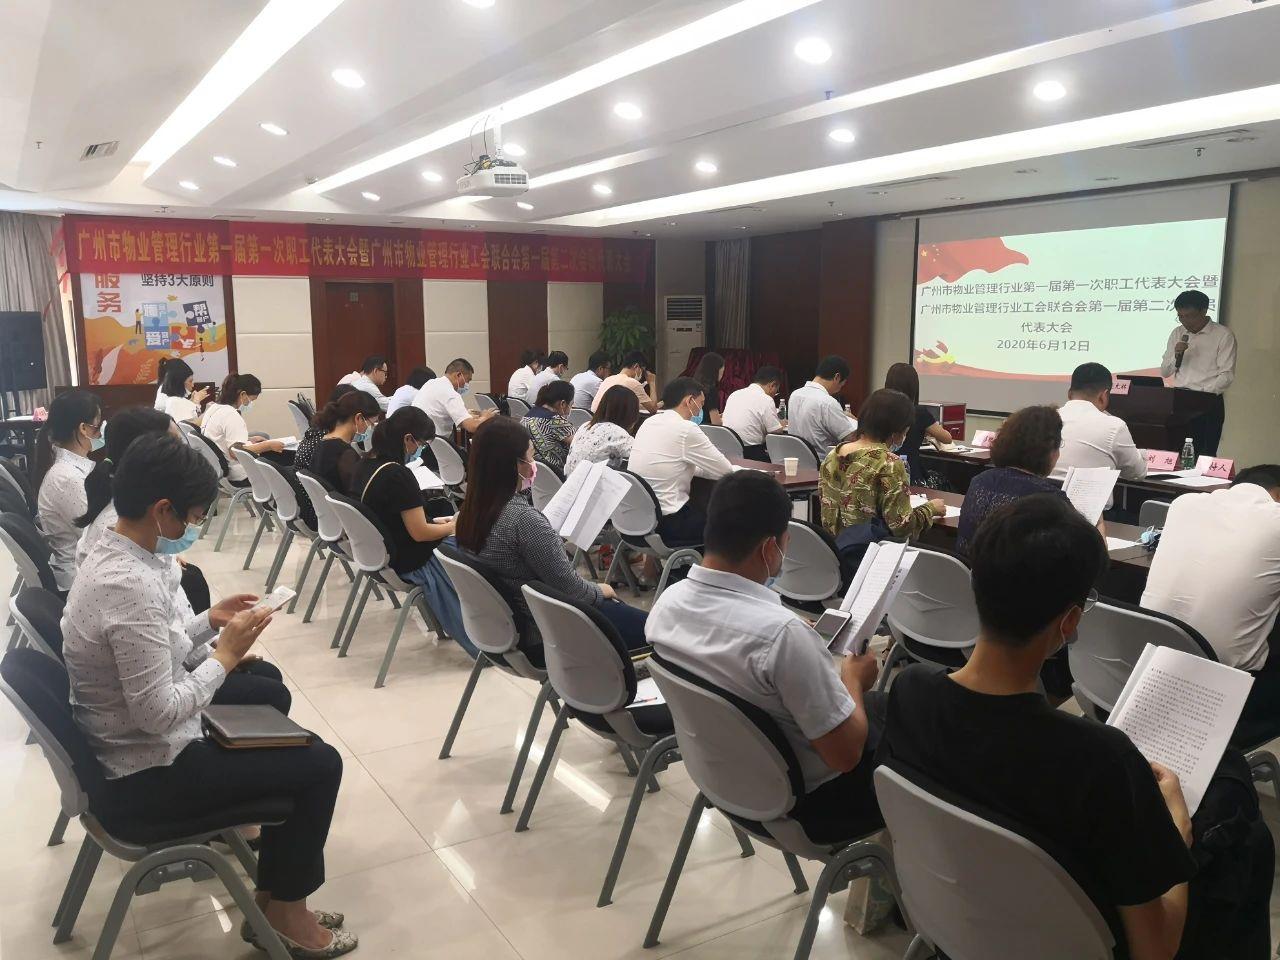 广州市物业管理行业工会联合会签订《广州市物业管理行业工资集体合同》